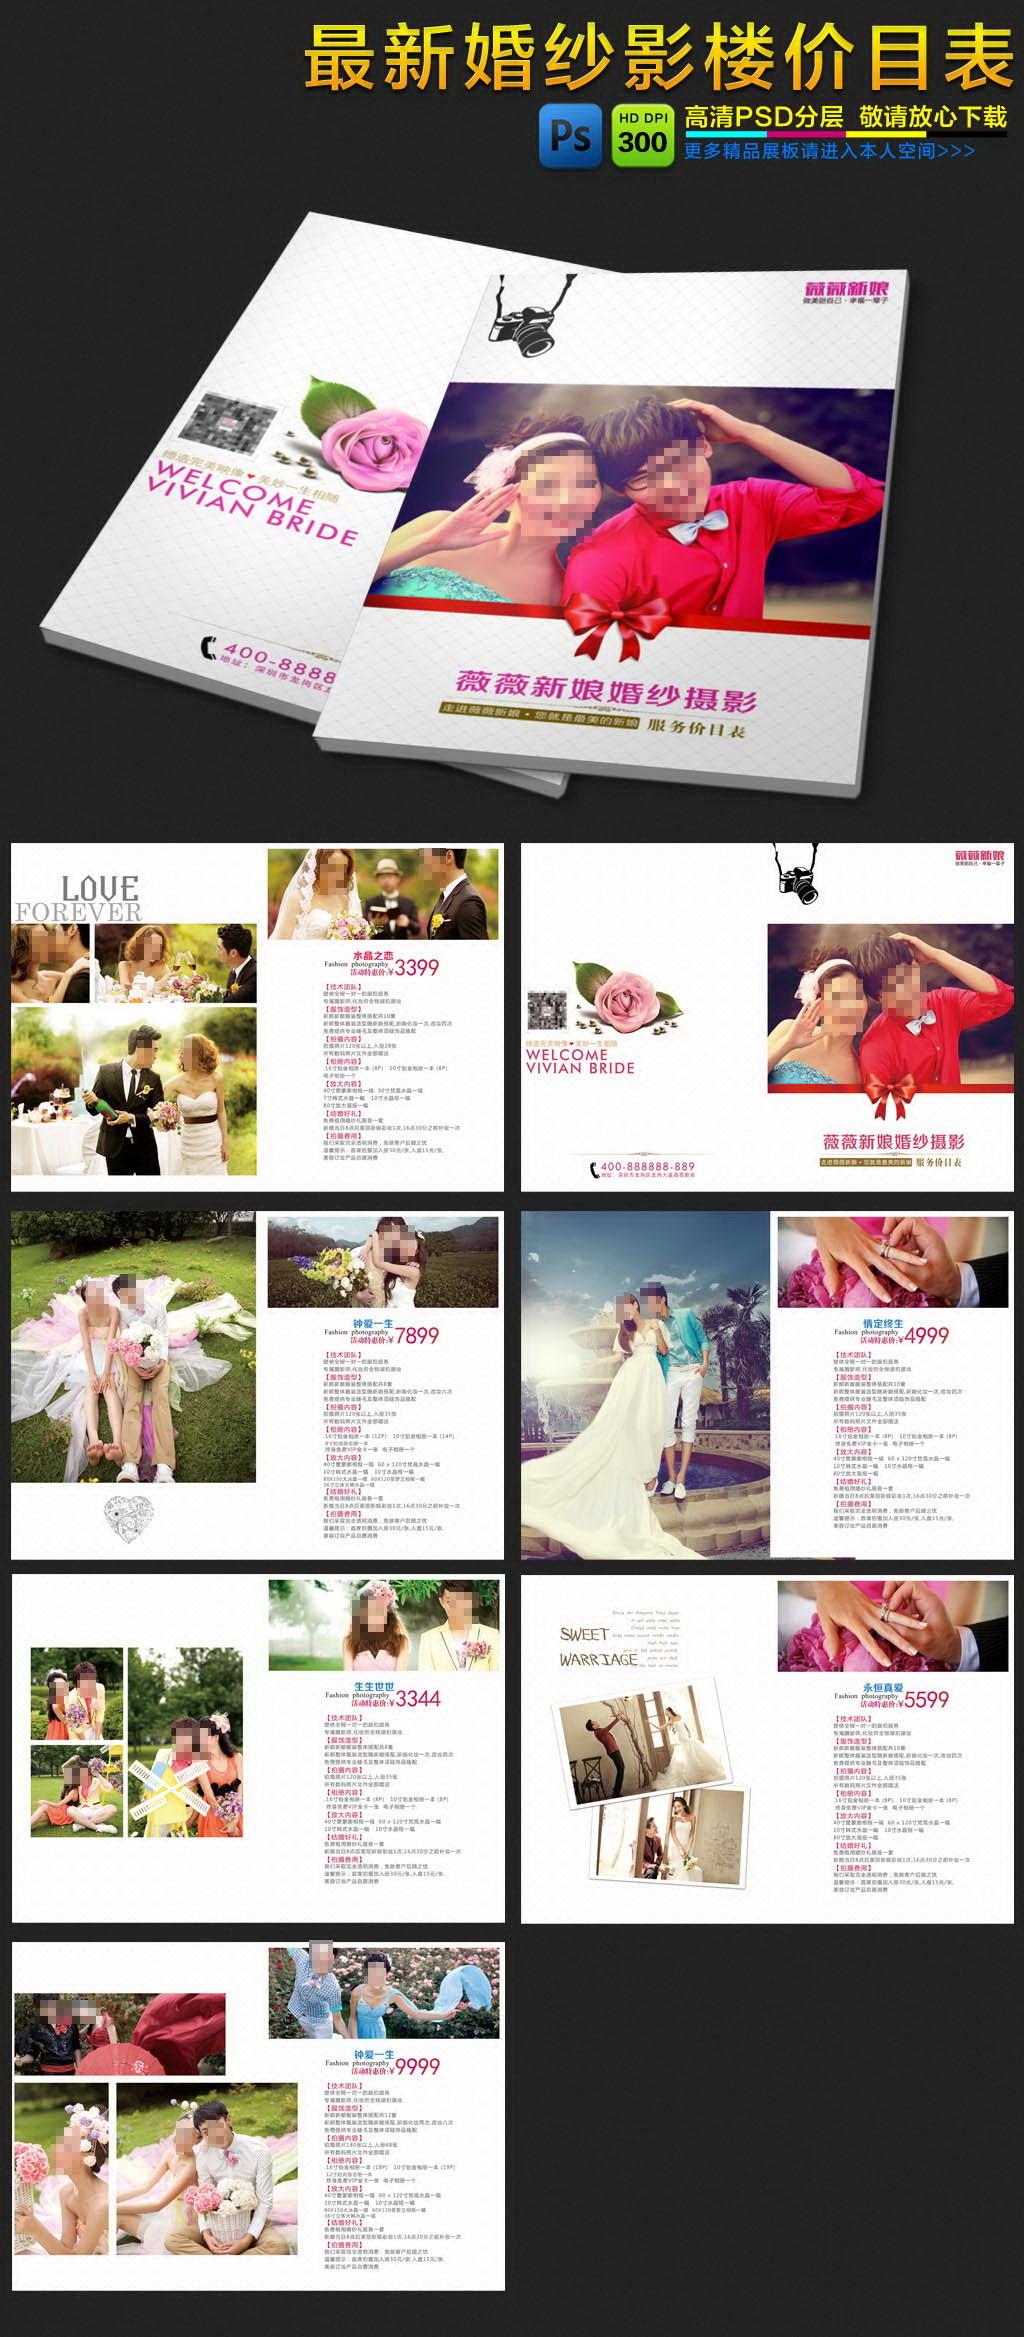 婚纱影楼价格表价目表宣传册模板